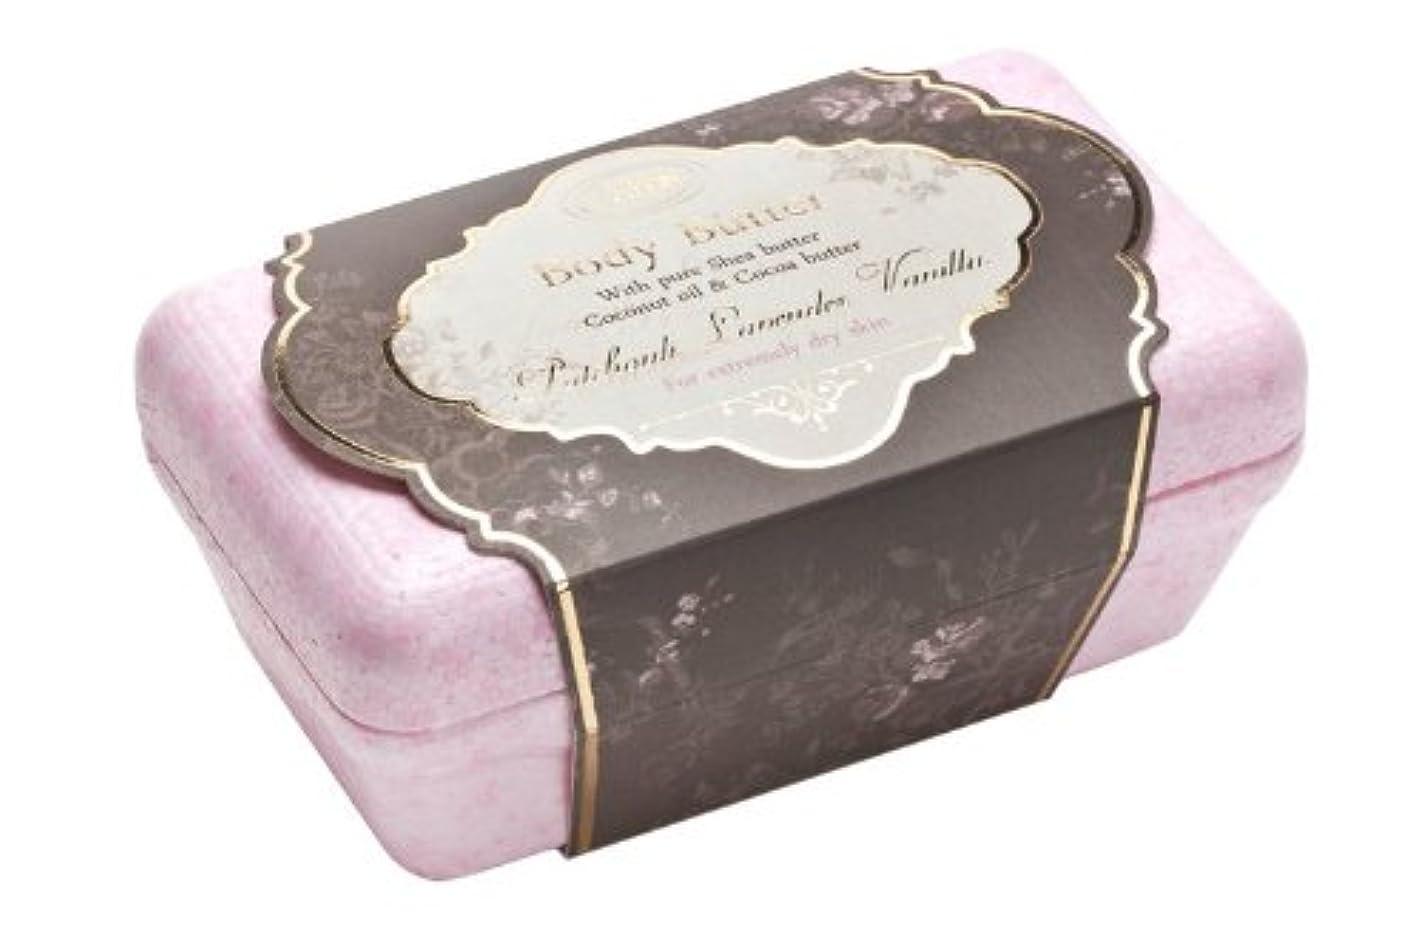 ラフ睡眠メロディー粘着性サボン Body Butter (For Extremely Dry Skin) - Patchouli Lavender Vanilla 100g/3.53oz並行輸入品